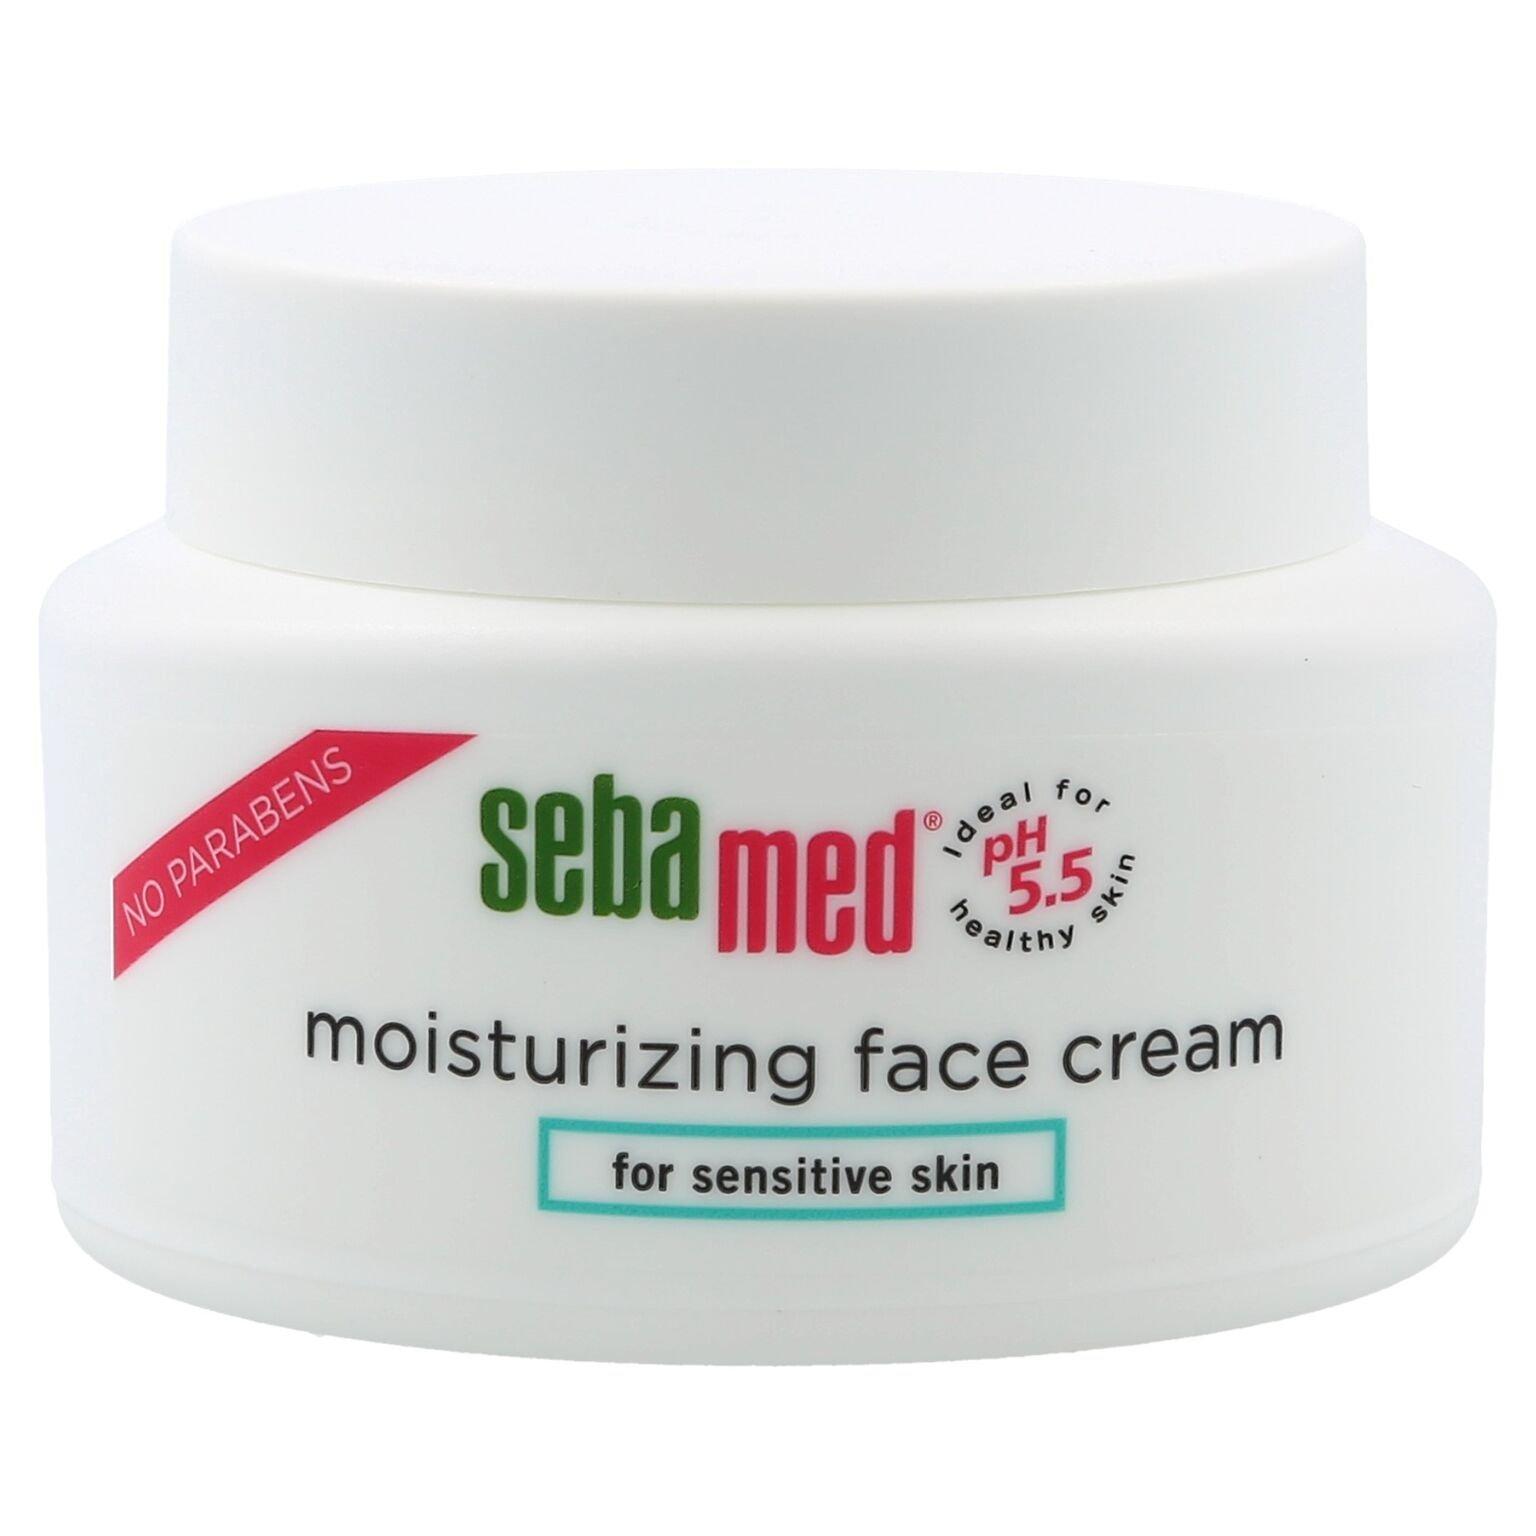 Sebamed Moisturizing Face Cream for Sensitive Skin Antioxidant pH 5.5 Vitamin E Hypoallergenic 2.6 Fluid Ounces (75mL) Ultra Hydrating Dermatologist Recommended Moisturizer by SEBAMED